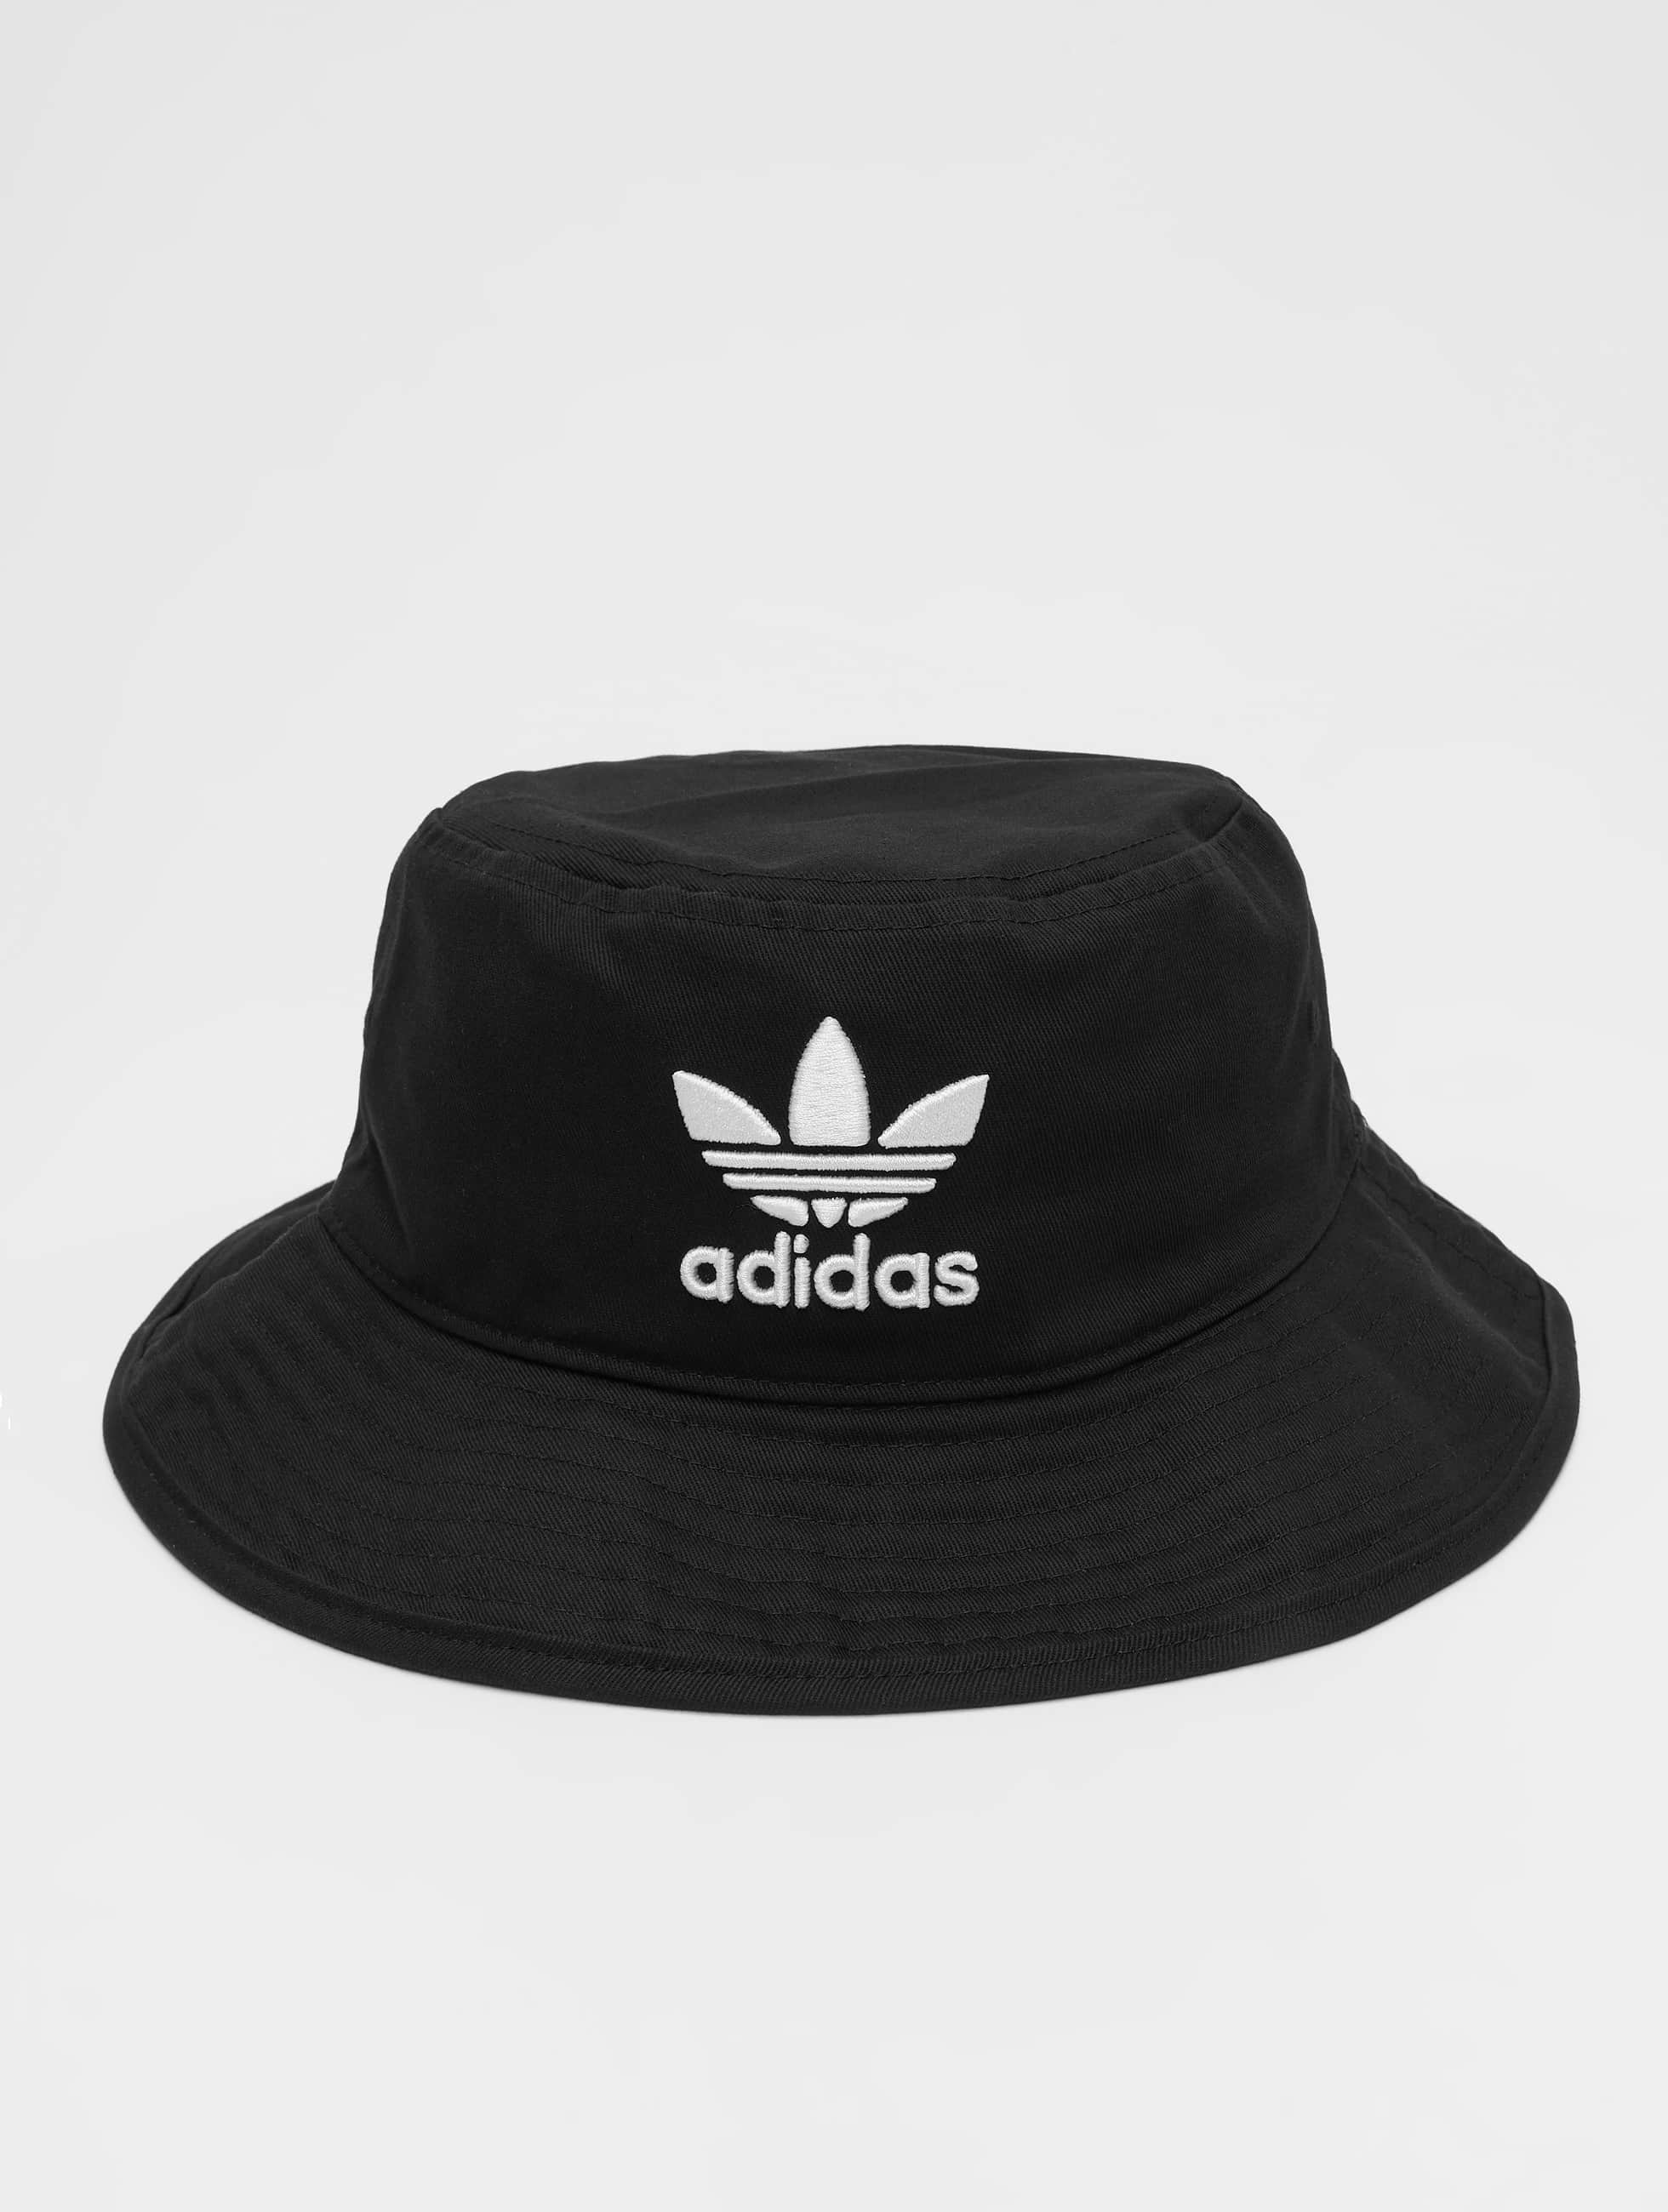 adidas Männer,Frauen Hut Trefoil in schwarz